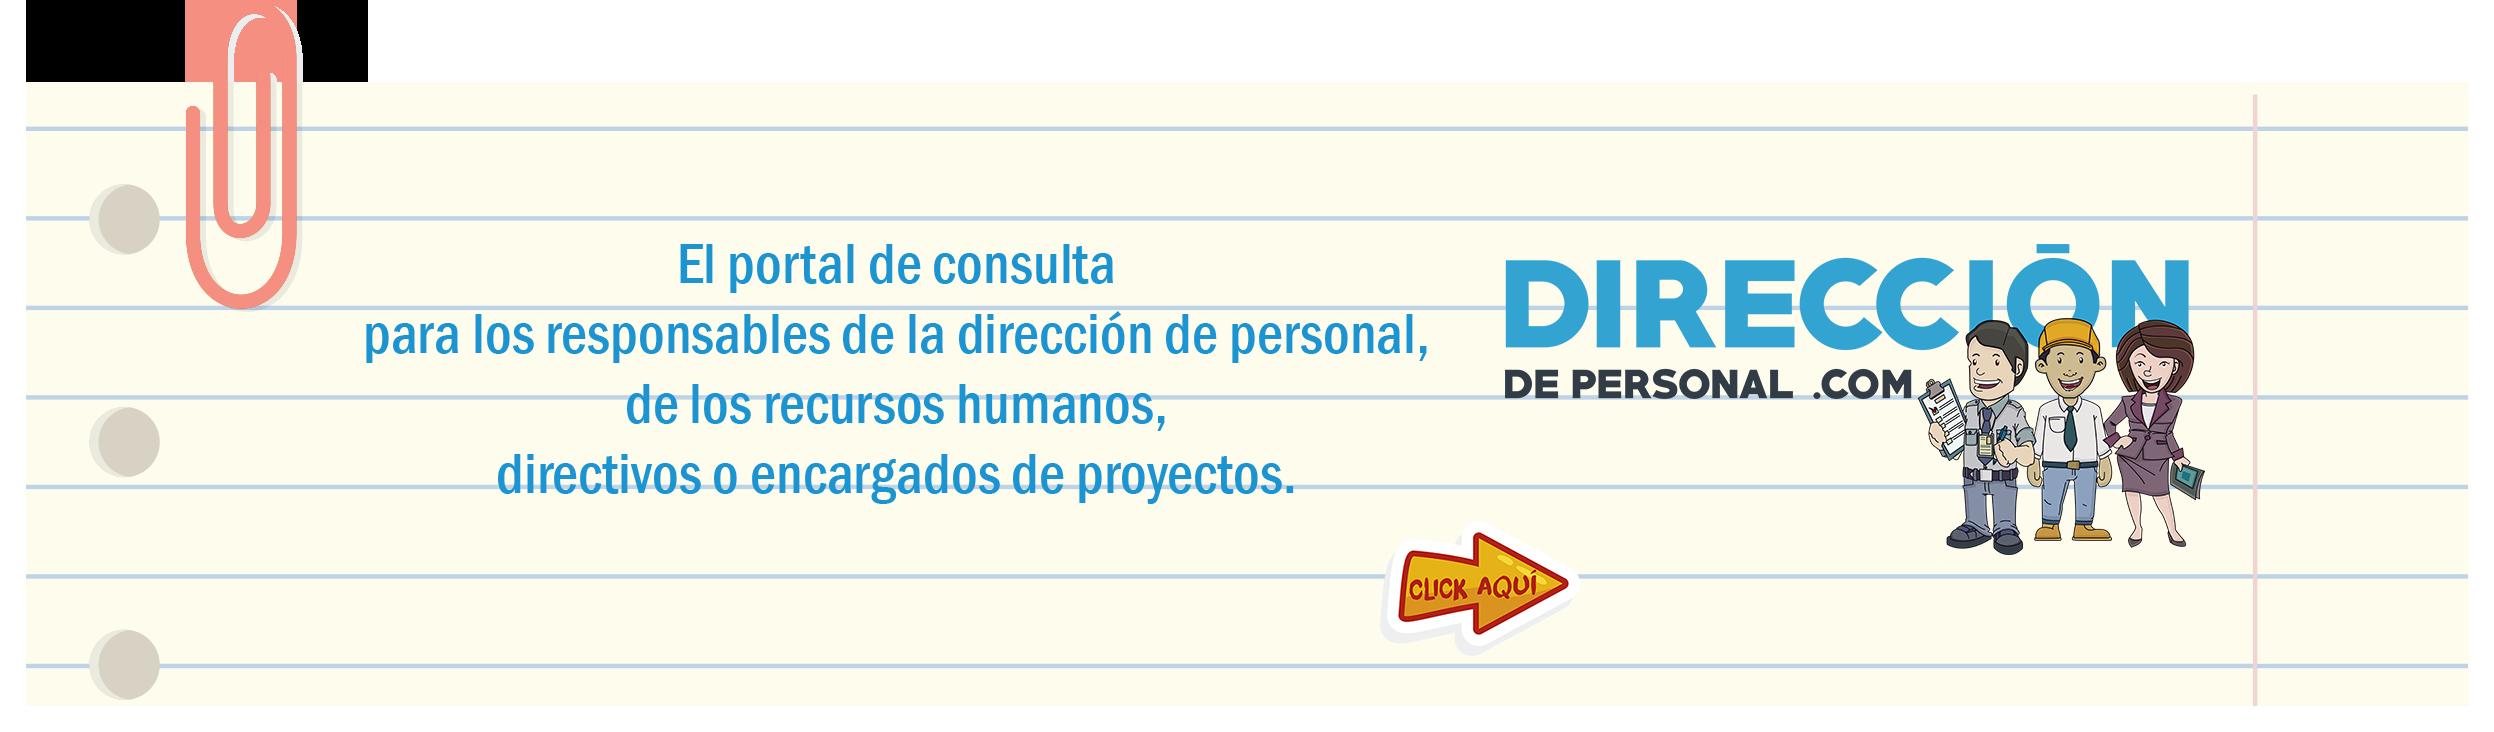 Dirección de personal .com